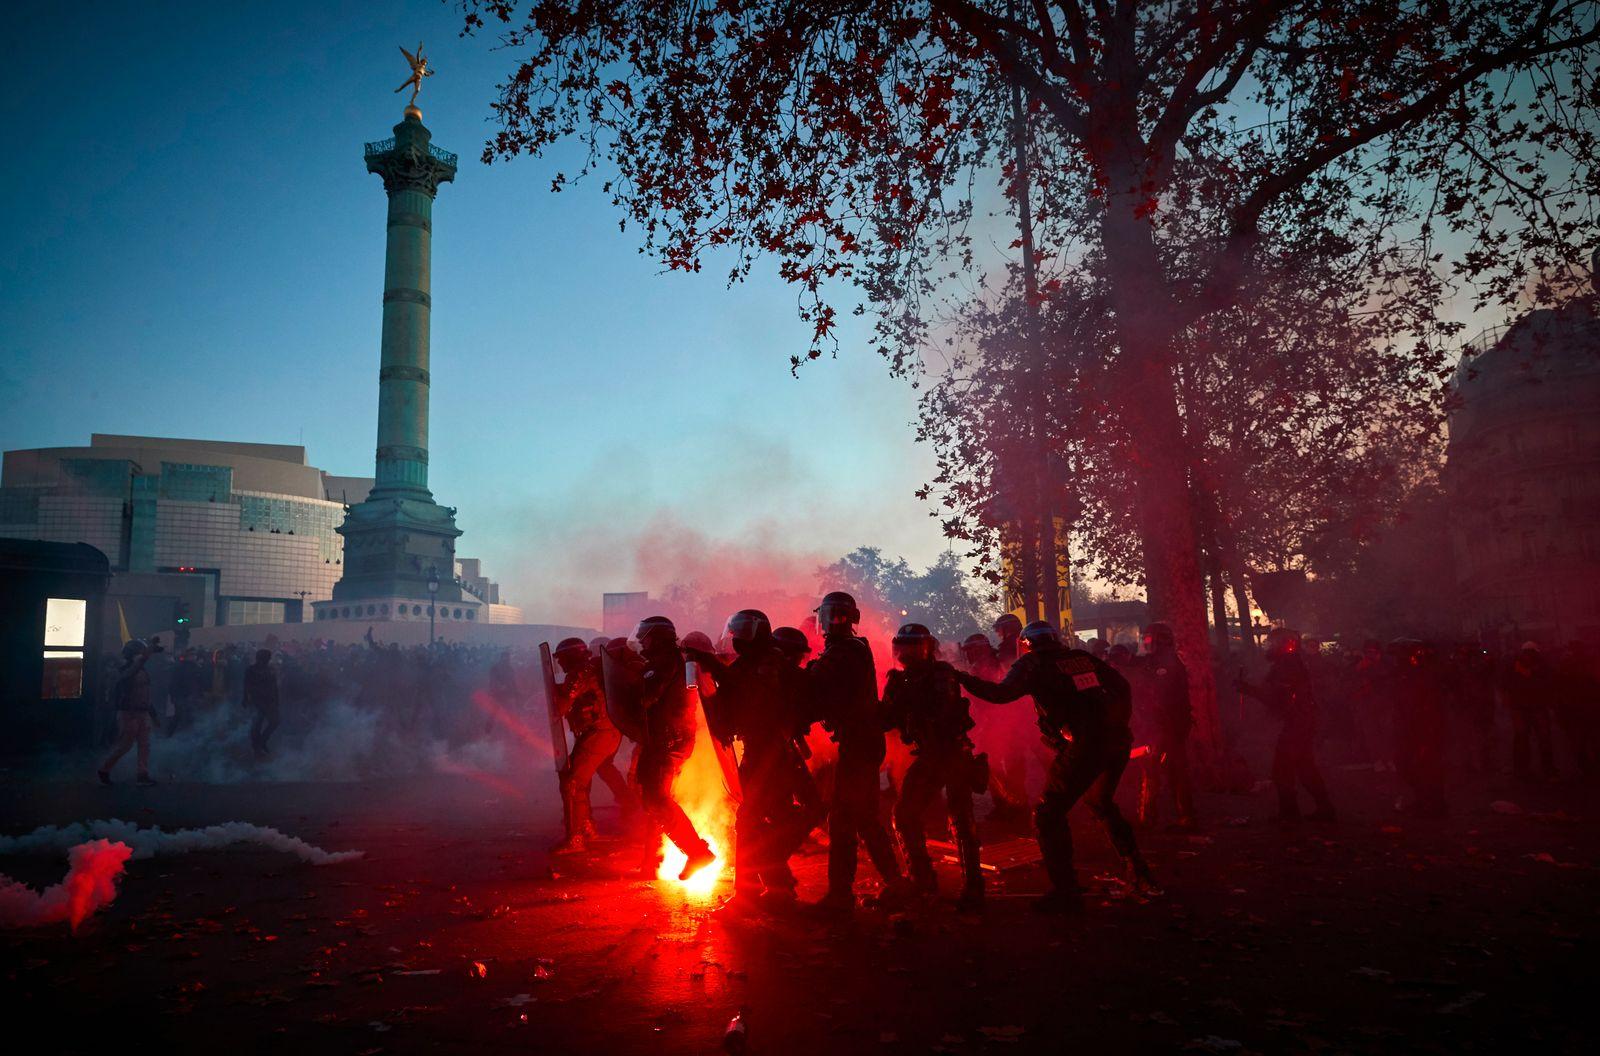 ***BESTPIX*** Demonstration Against Global Security Law In Paris